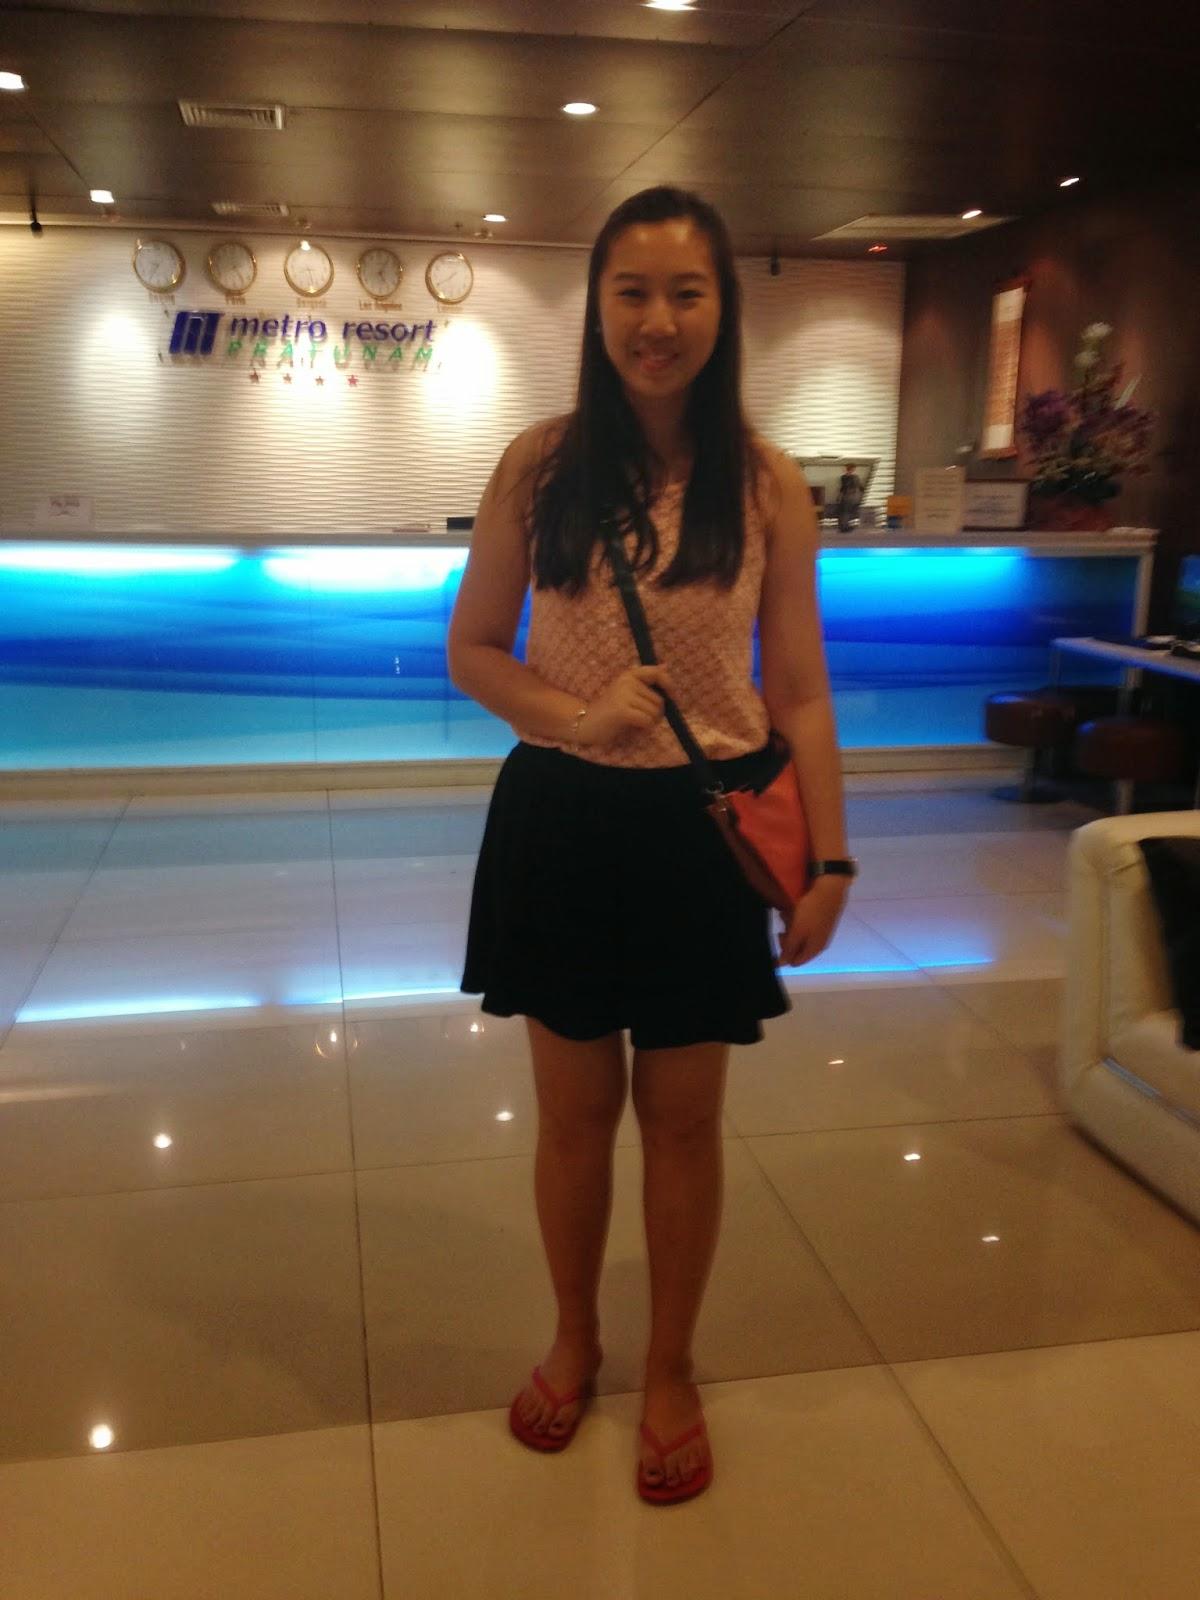 Hotels in Pratunam, Bangkok - All Hotels in Pratunam